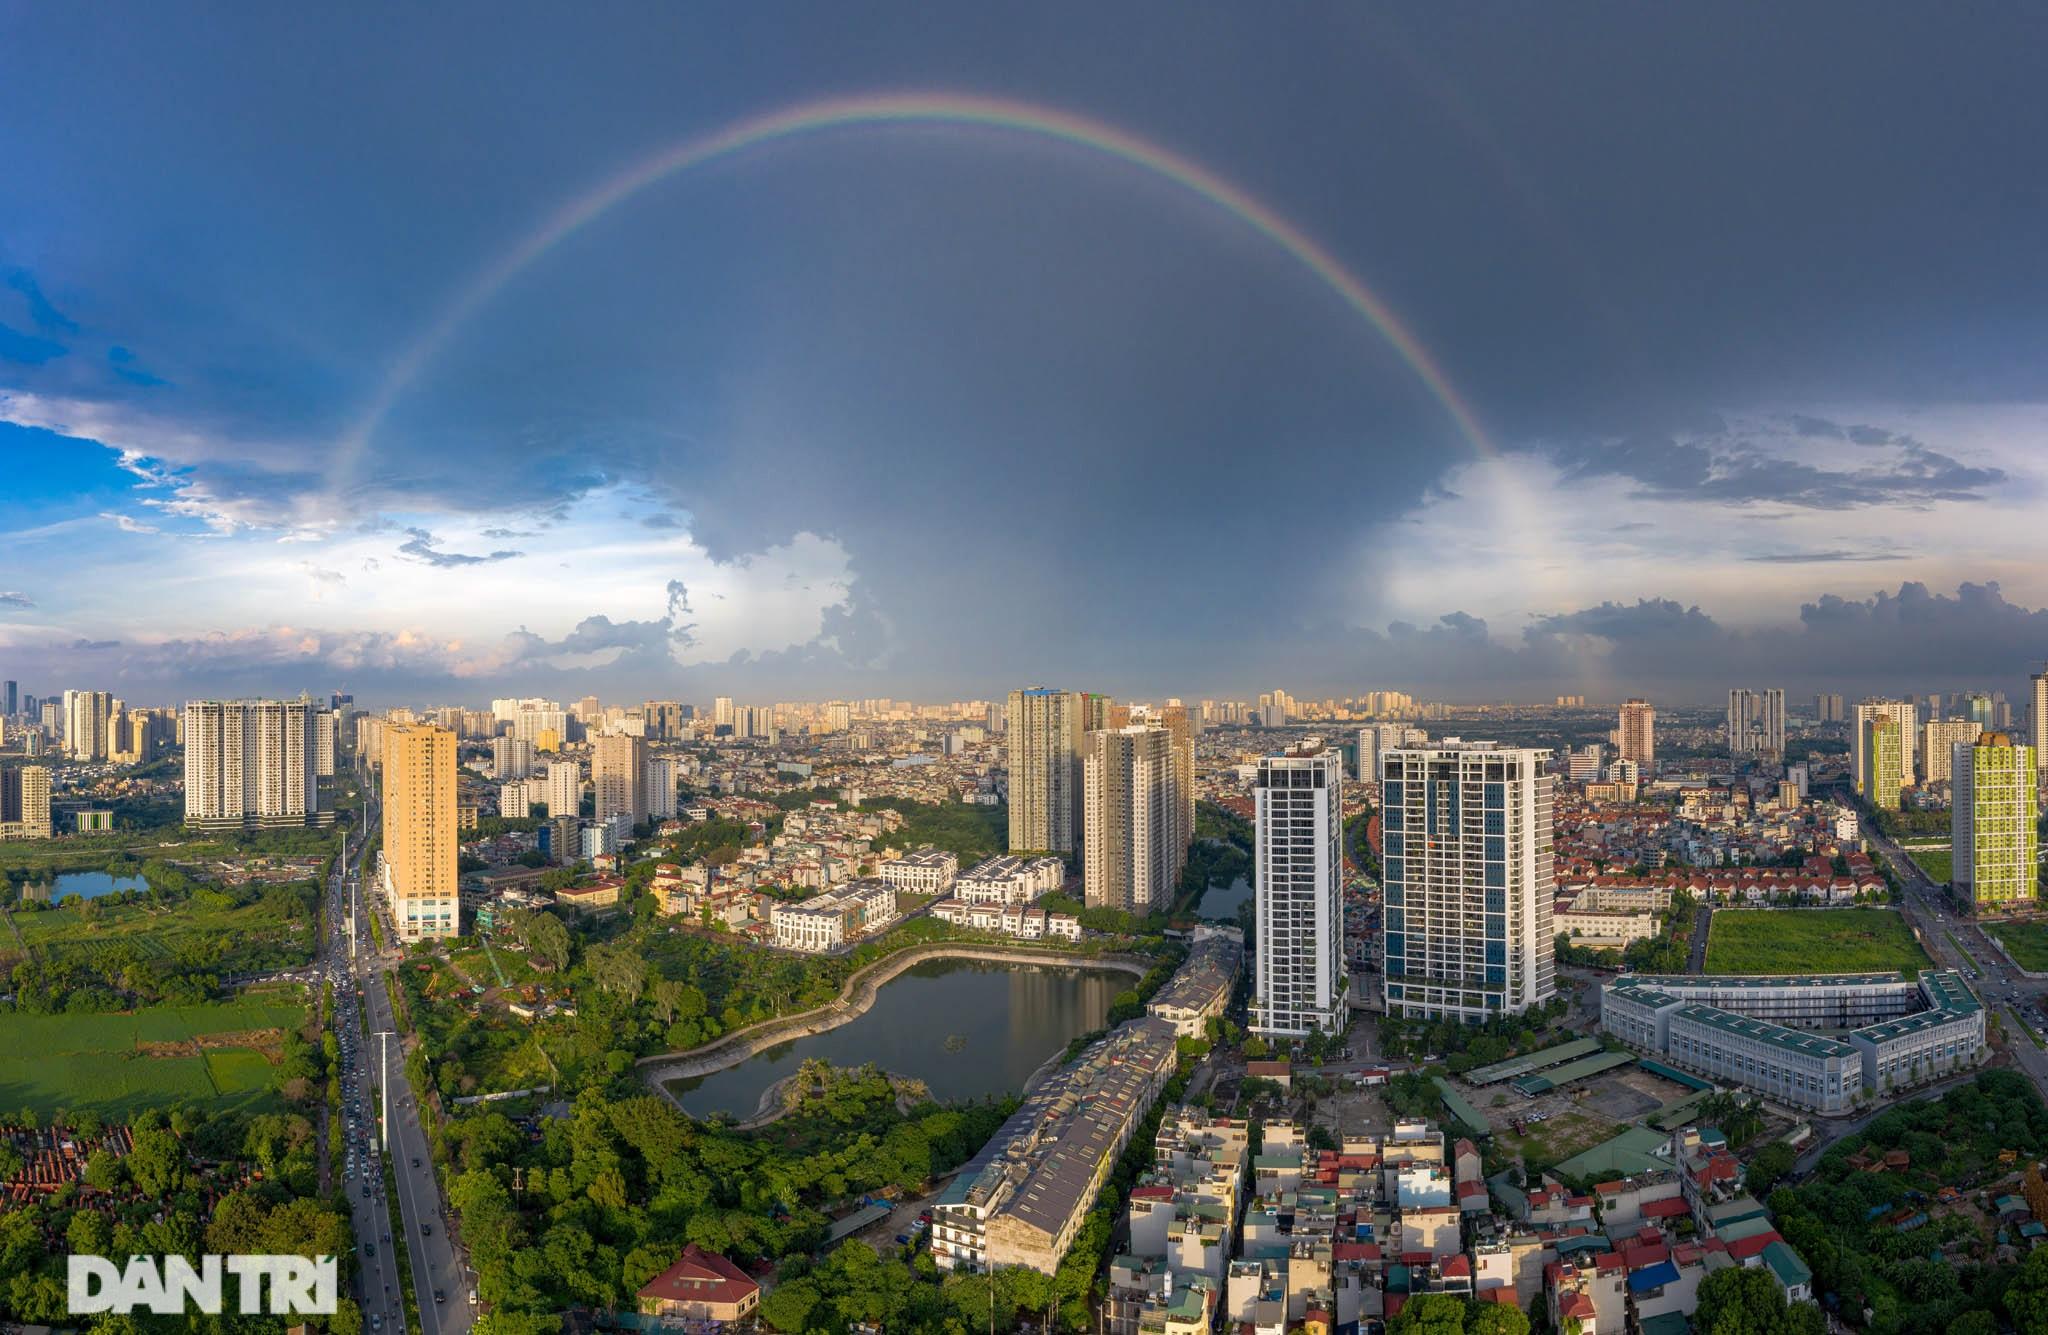 Vẻ đẹp của một Hà Nội hiện đại, sôi động nhìn từ trong mây - 14